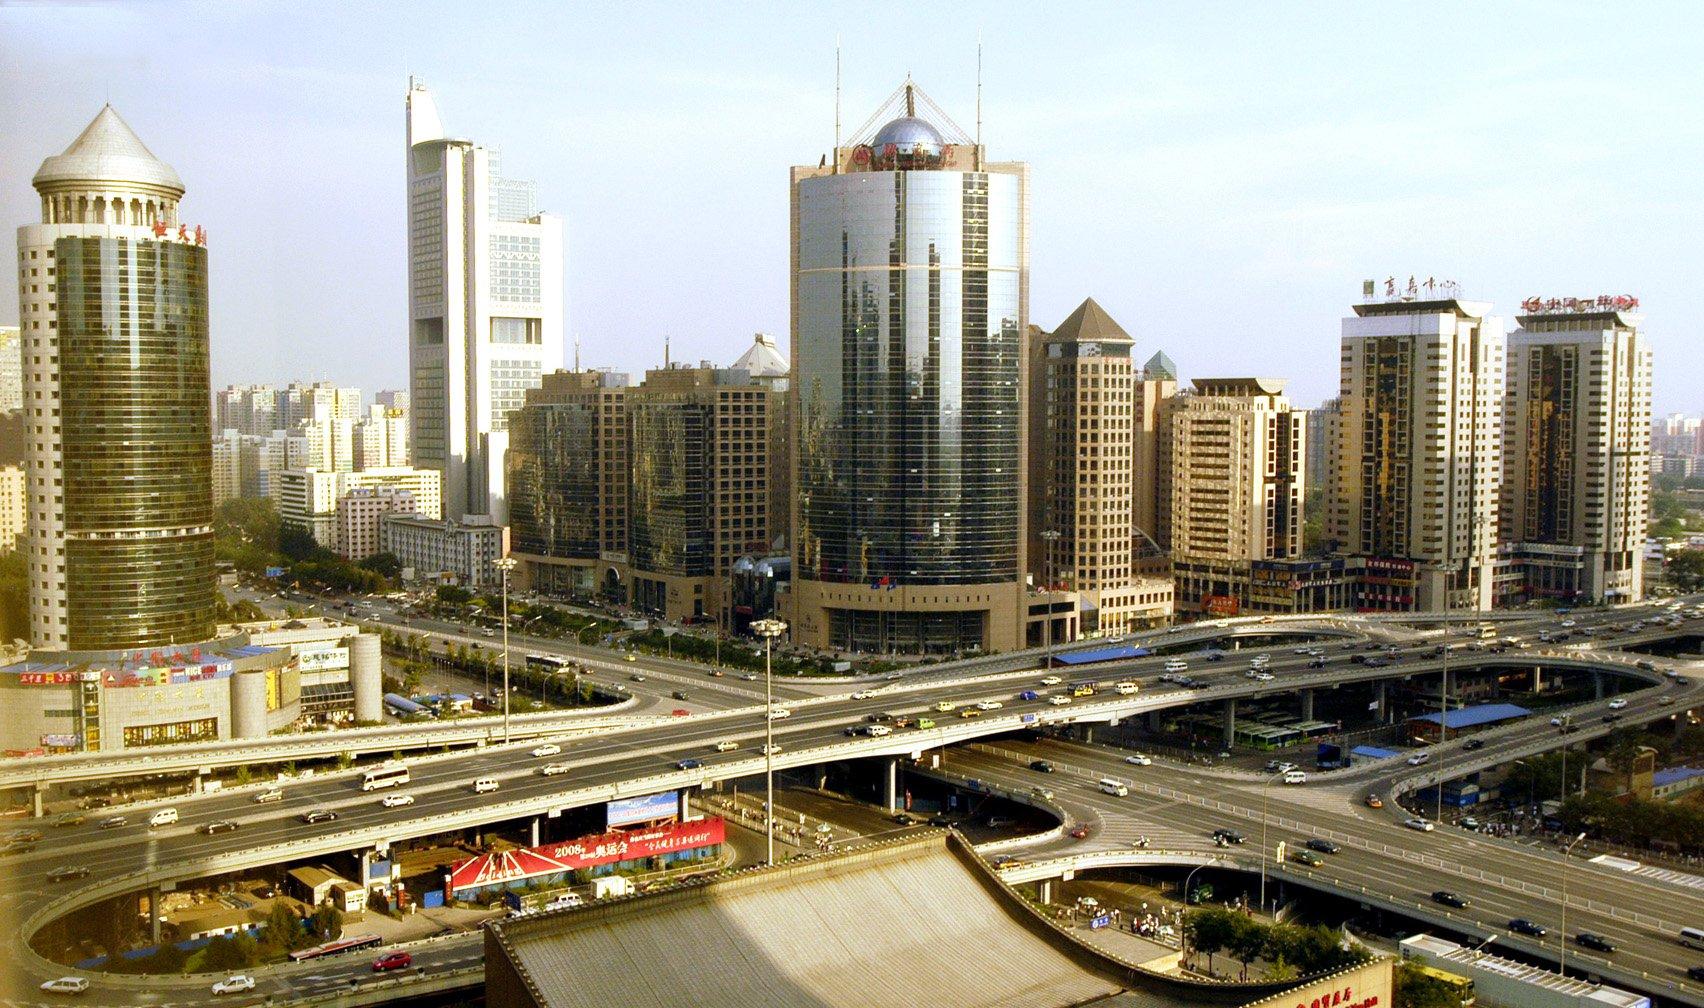 Пекин для туристов: известные достопримечательности и варианты отдыха в разные сезоны